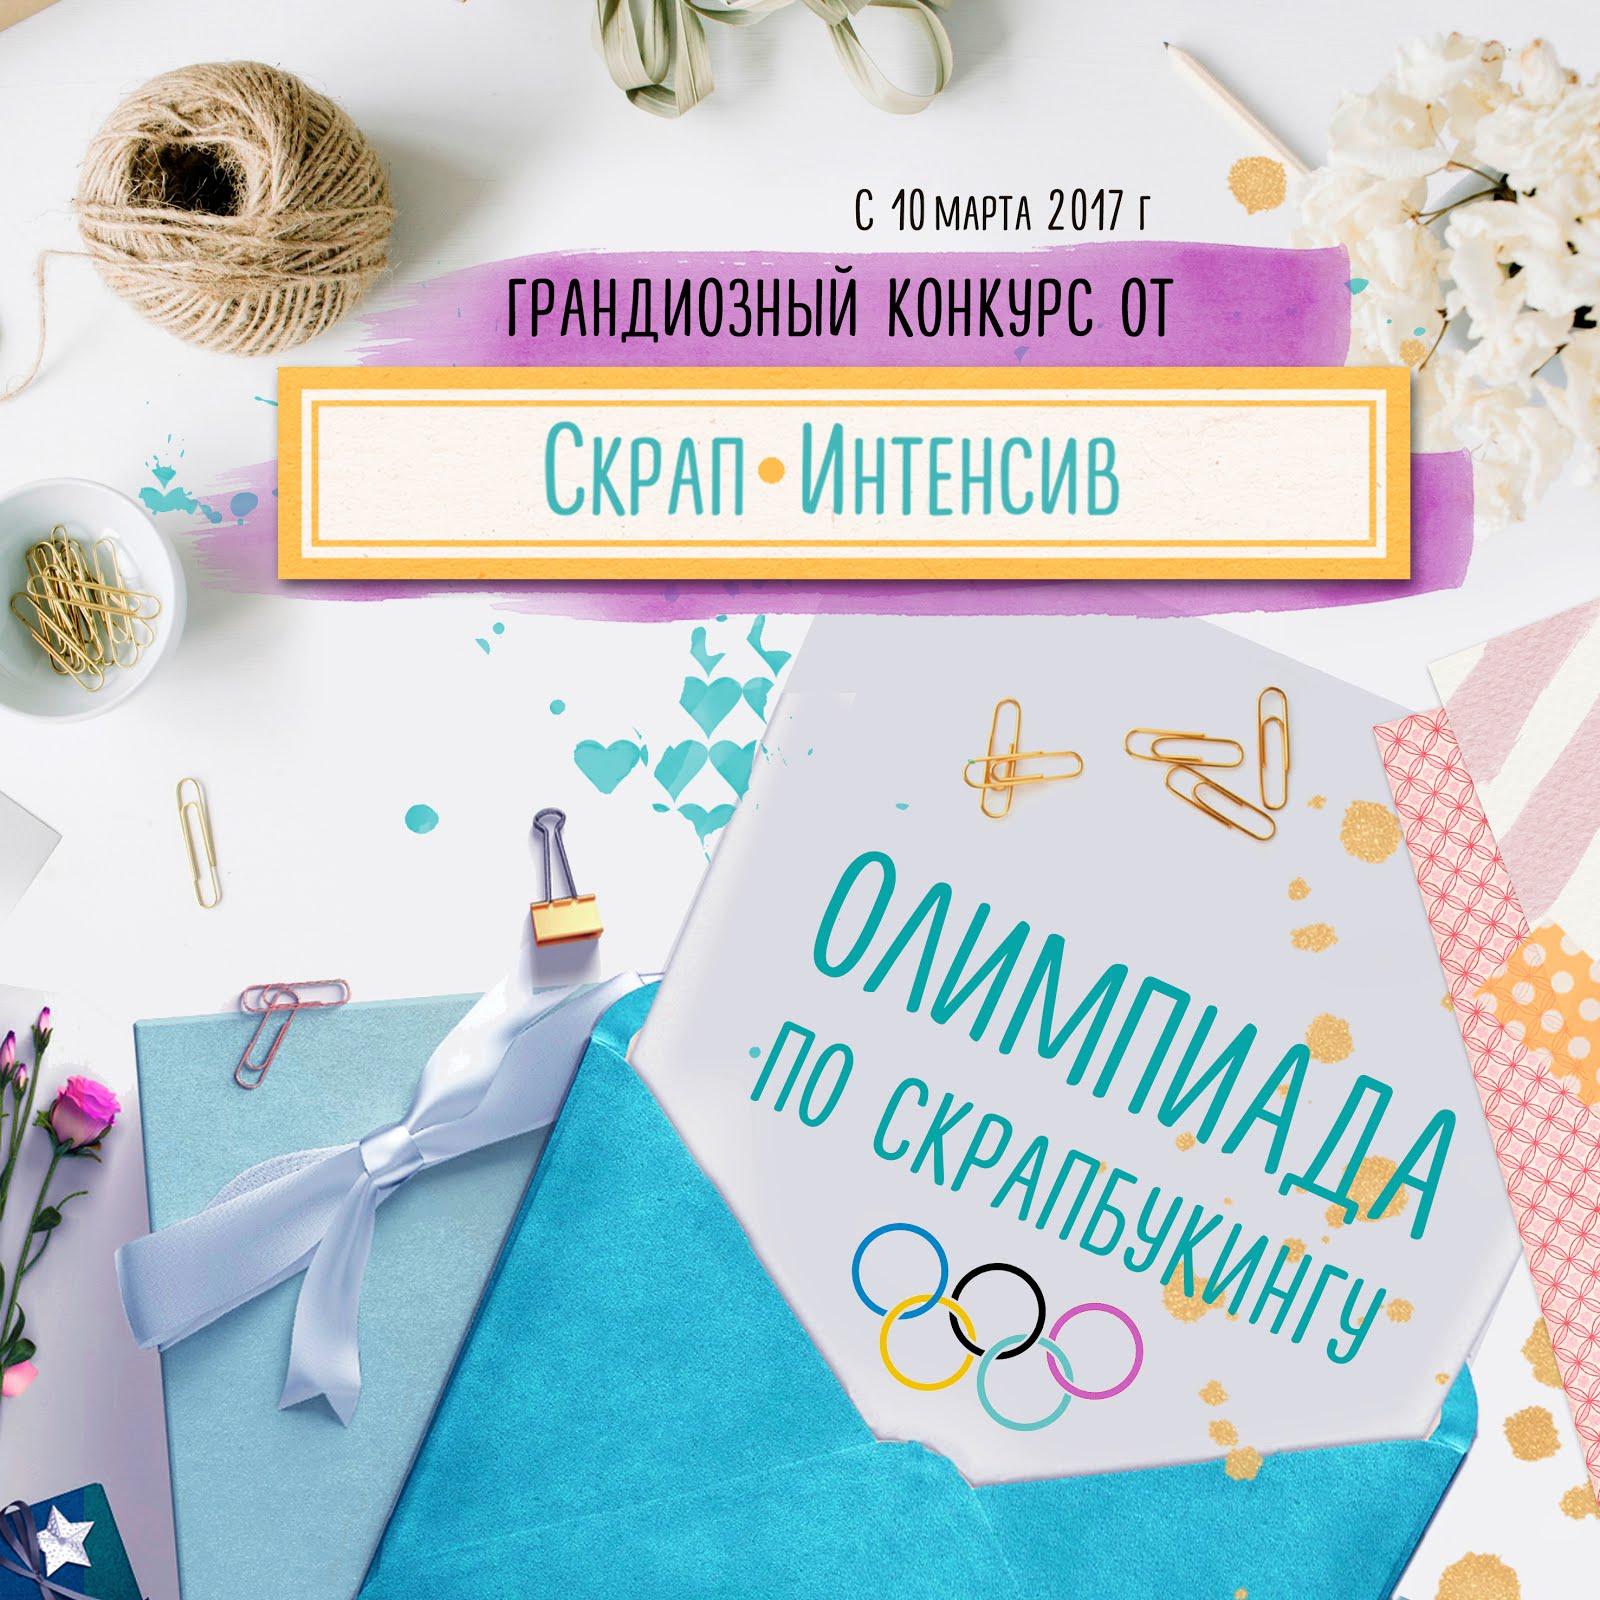 Олимпиада по скрапбукингу.  Присоединяйтесь к нам!